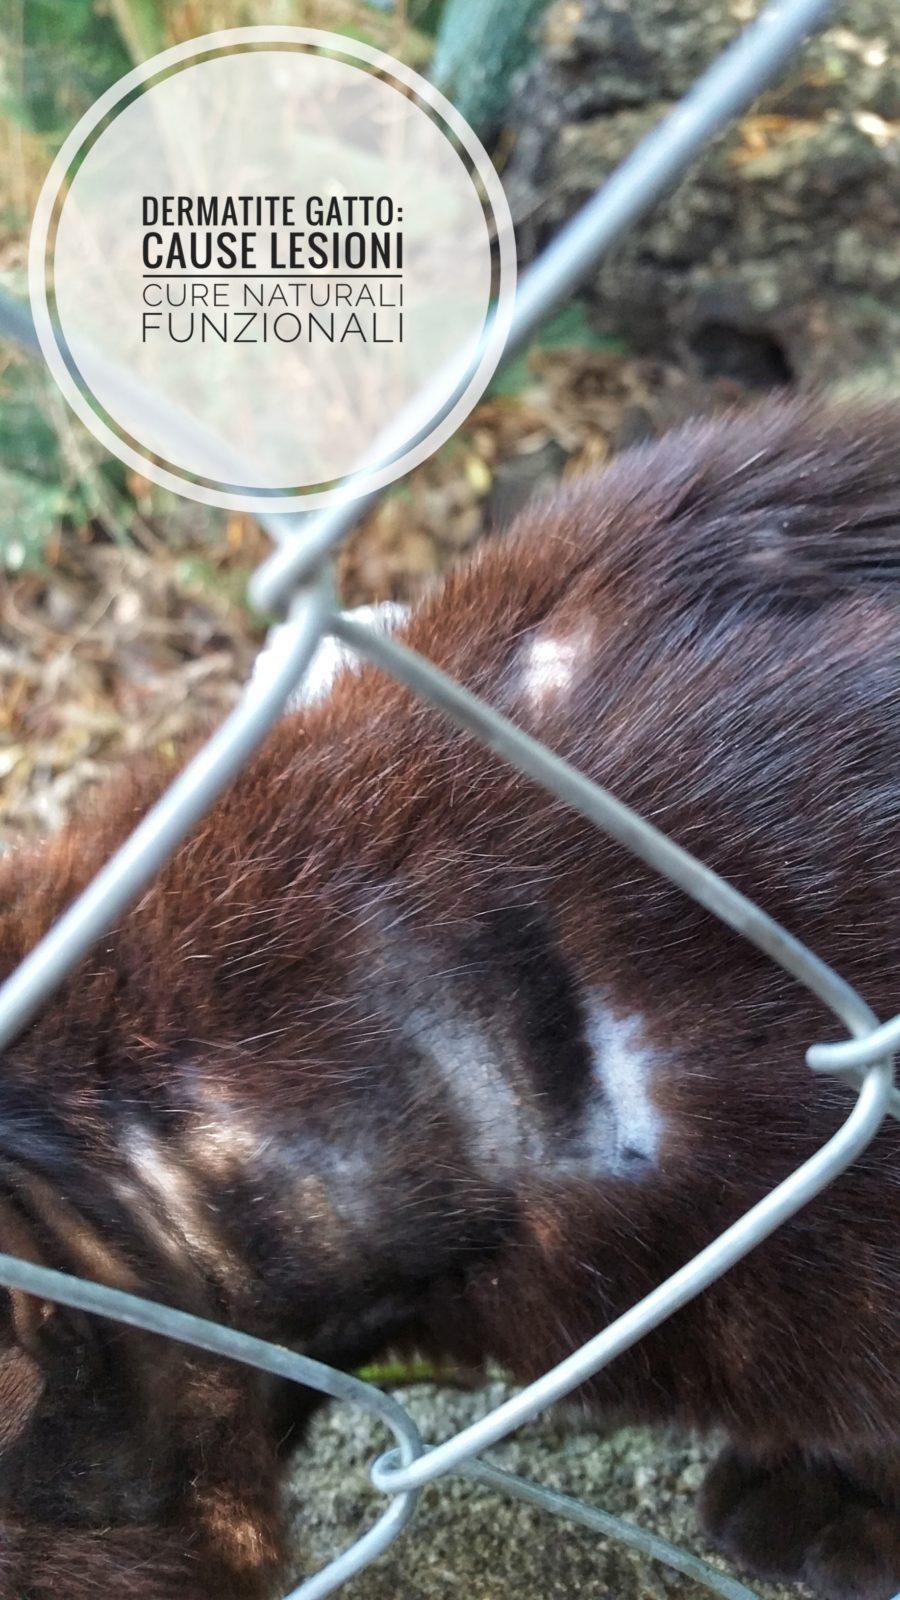 Dermatite Nel Gatto Cause Lesioni Cure Naturali Funzionali Elicatsit